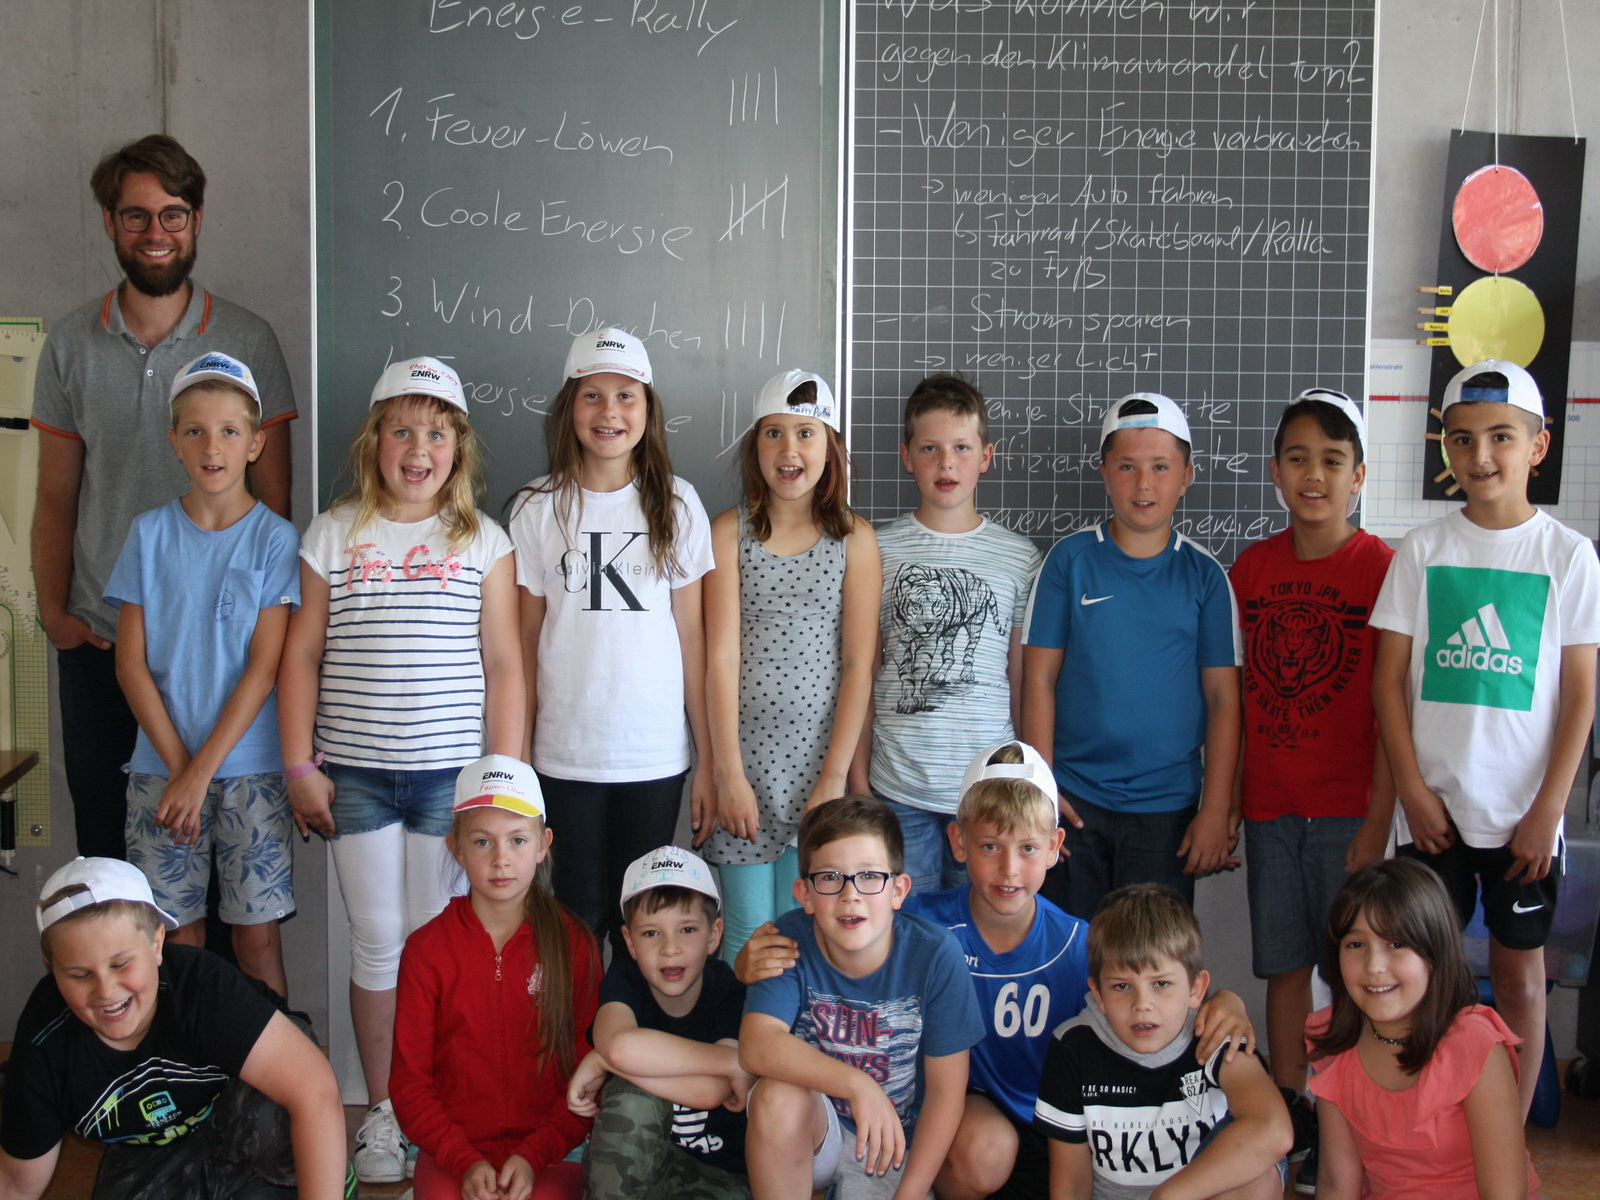 ENRW-Energieunterricht an der Schlossbergschule Wehingen, Klasse 3a